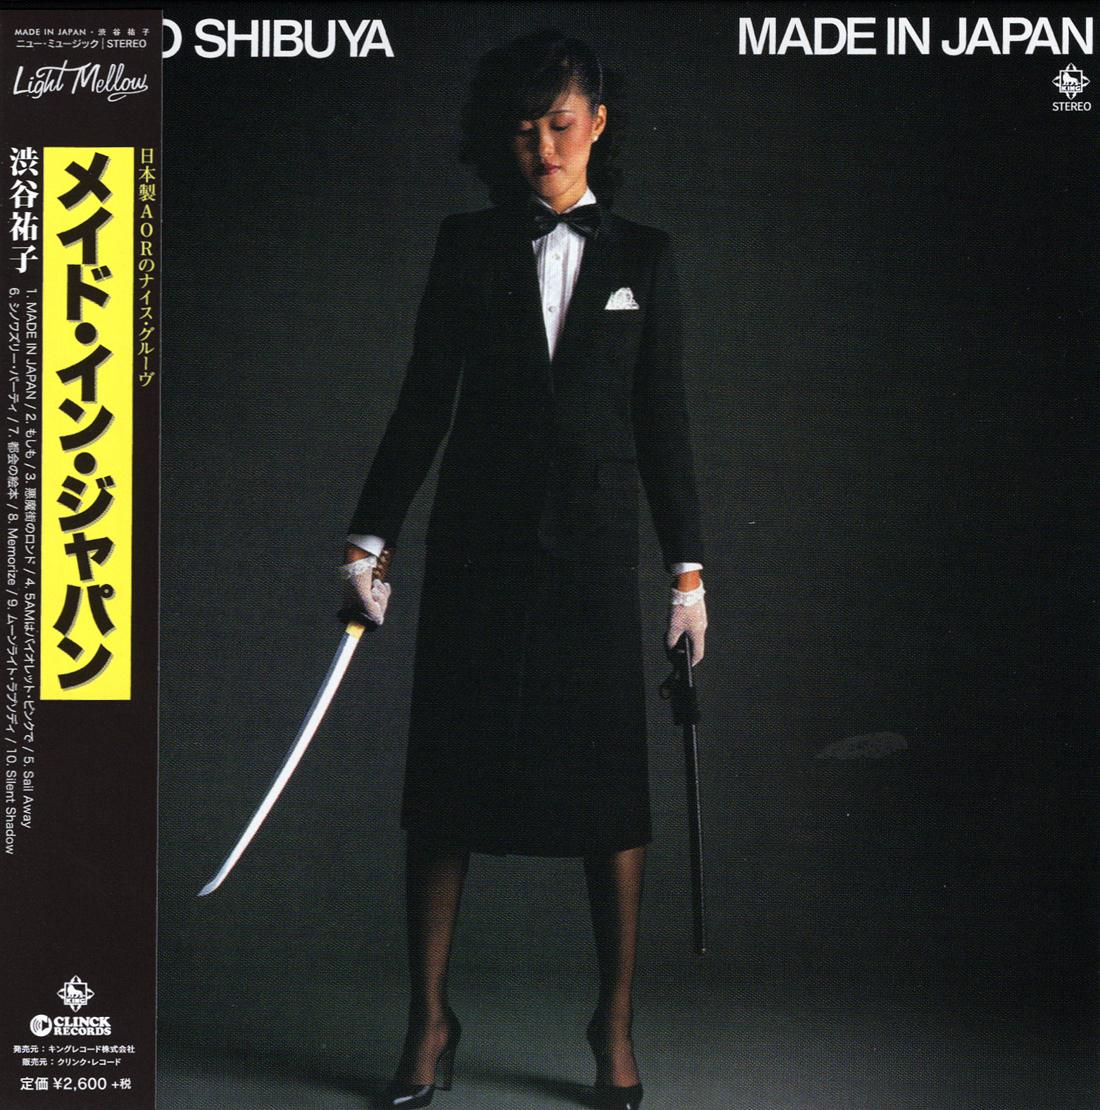 20180715.0506.7 Yuuko Shibuya - Made in Japan (1980) (FLAC) cover 1.jpg